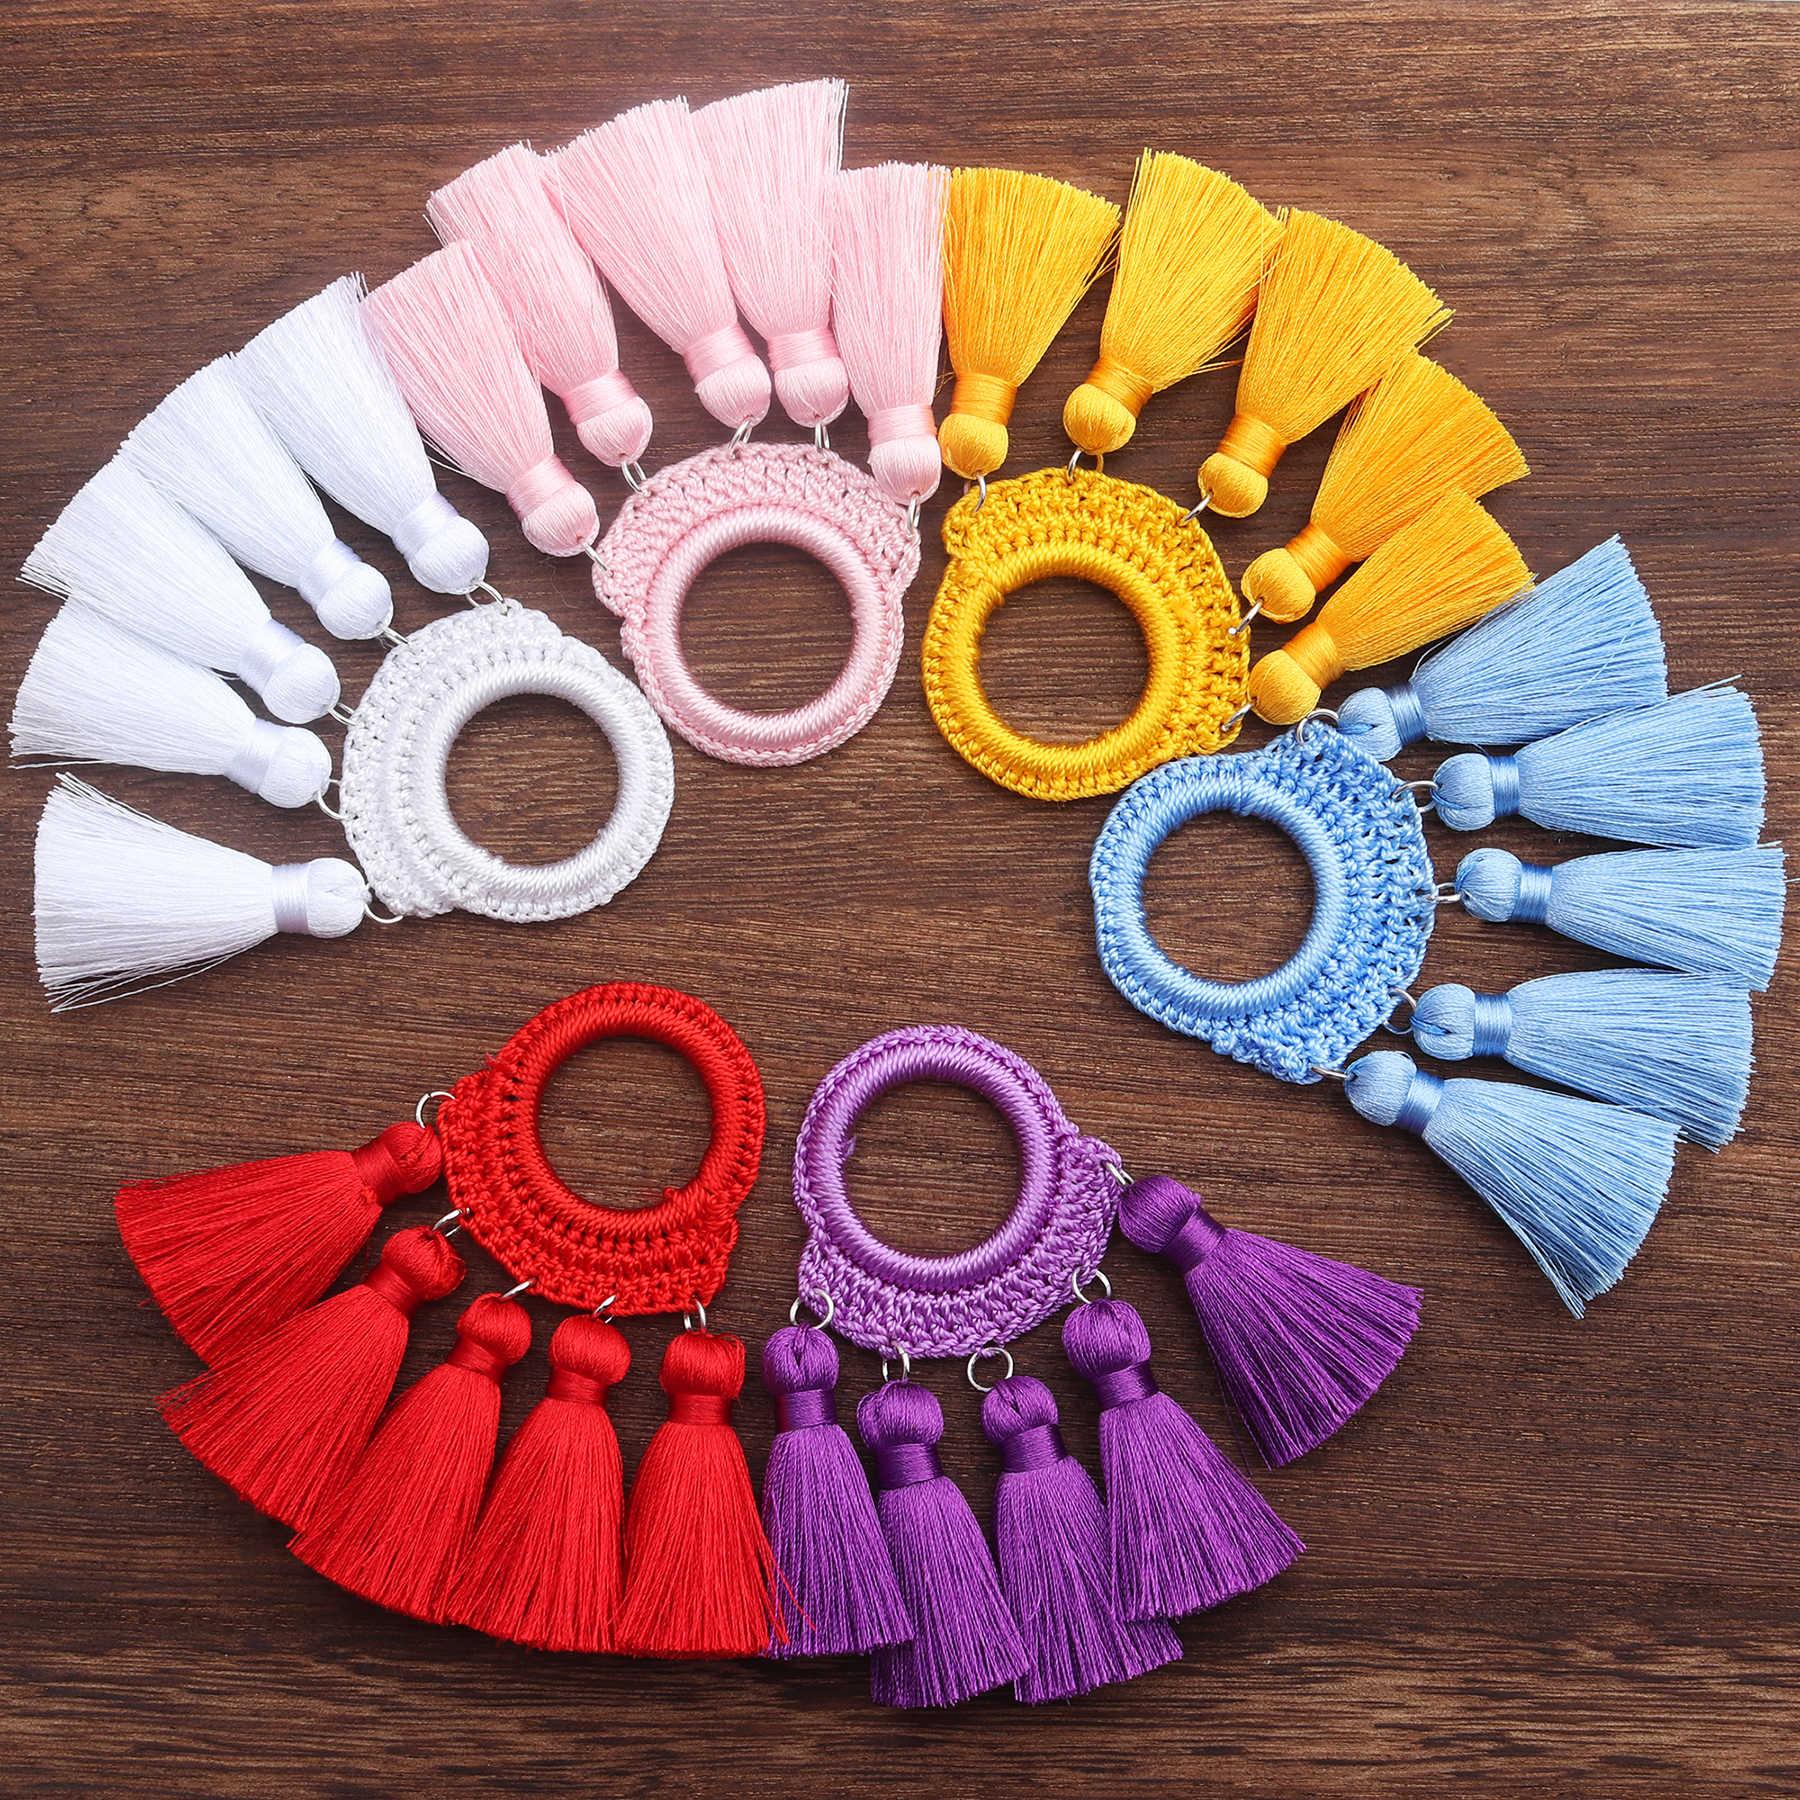 Gufeather L202, Sieraden Accessoires, Zijden Kwasten, Diy Oorbellen, Sieraden Bevindingen Componenten, Hand Made, jump Ringen, Sieraden Maken